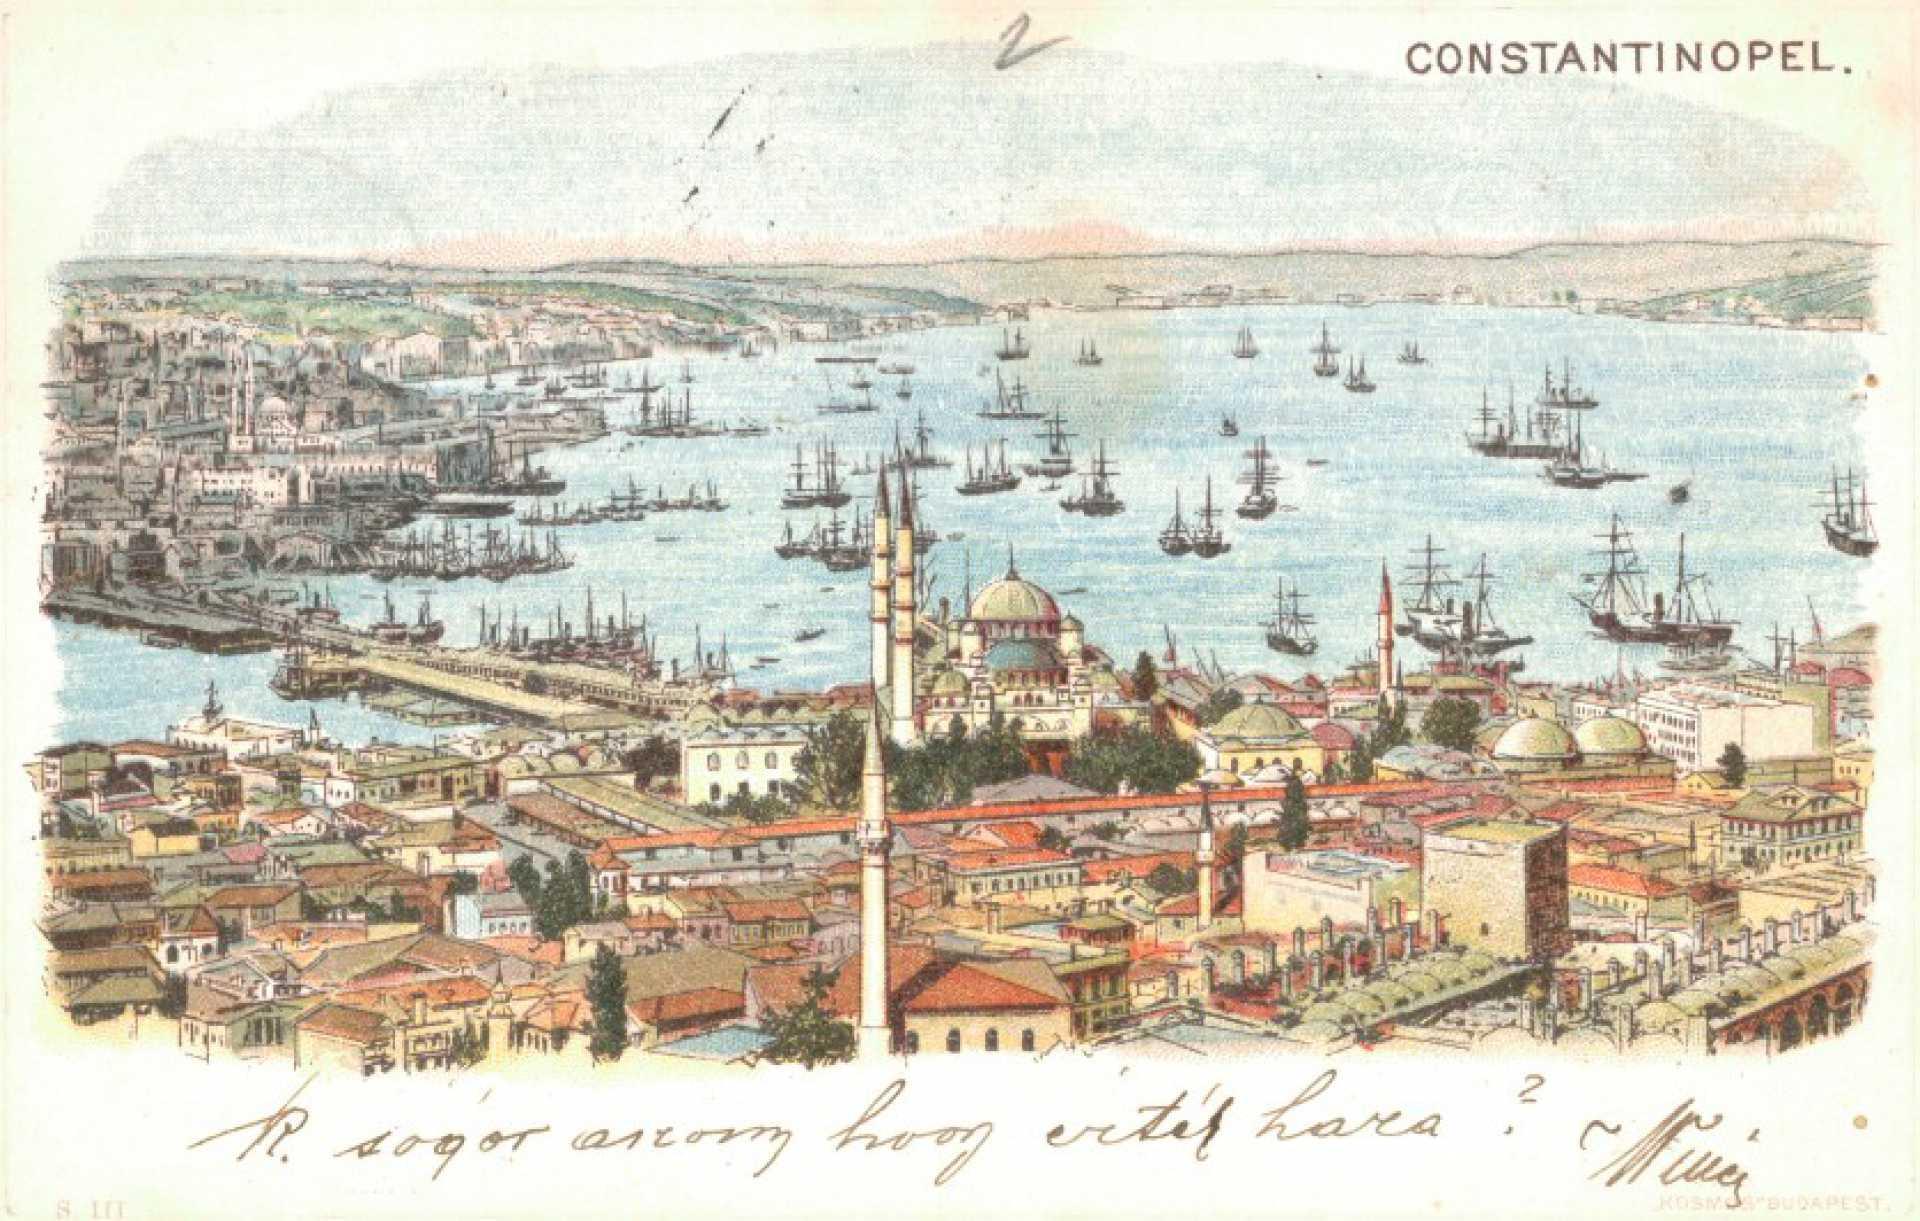 Constantinopel